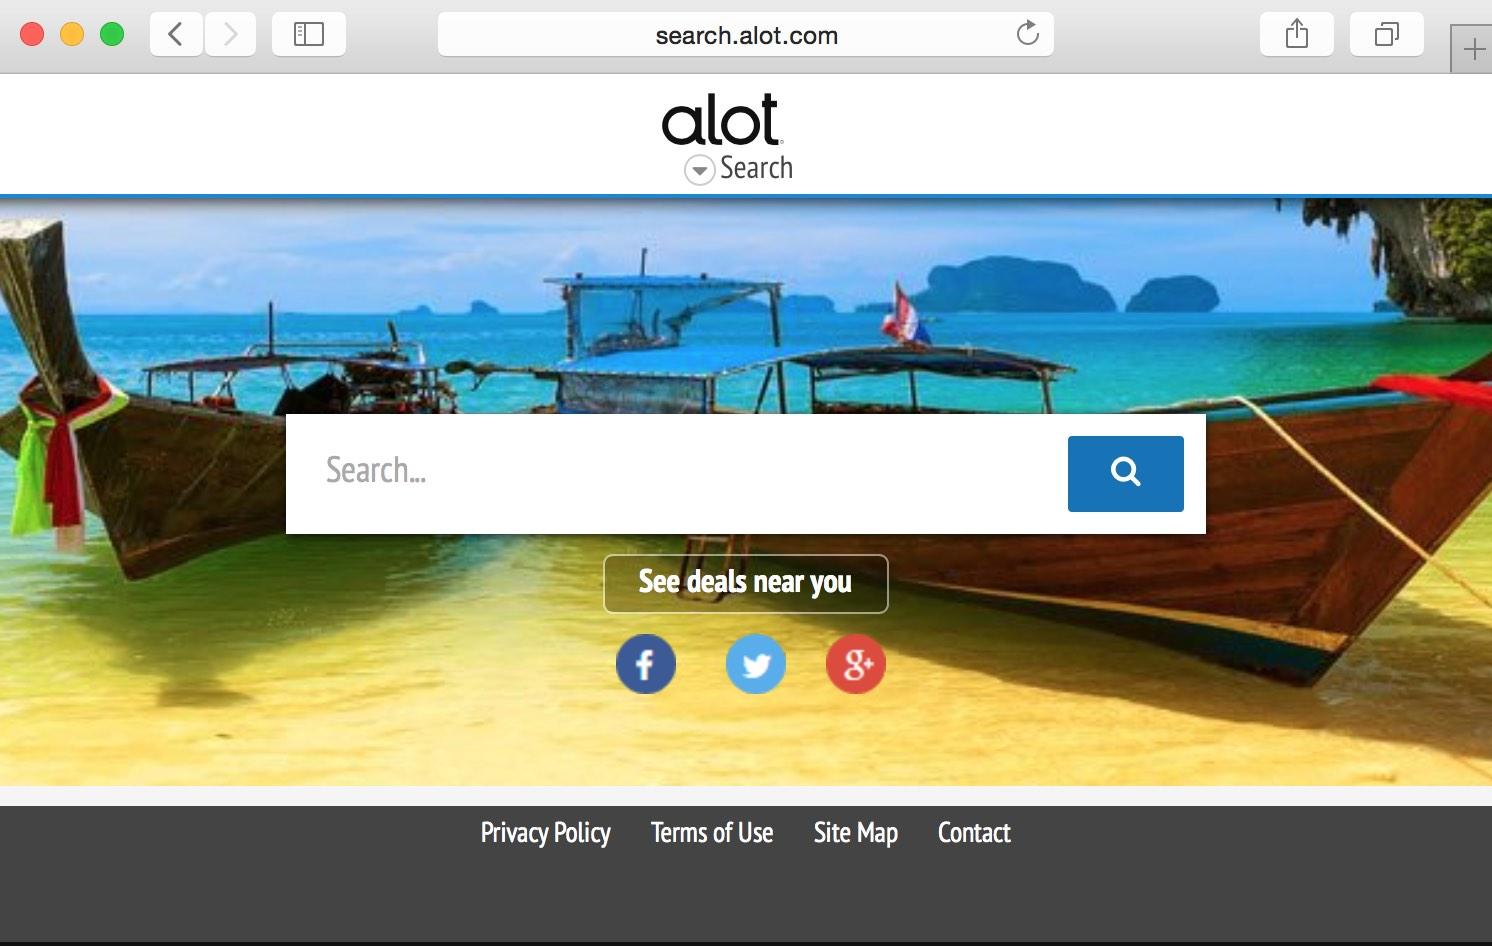 search.alot.com